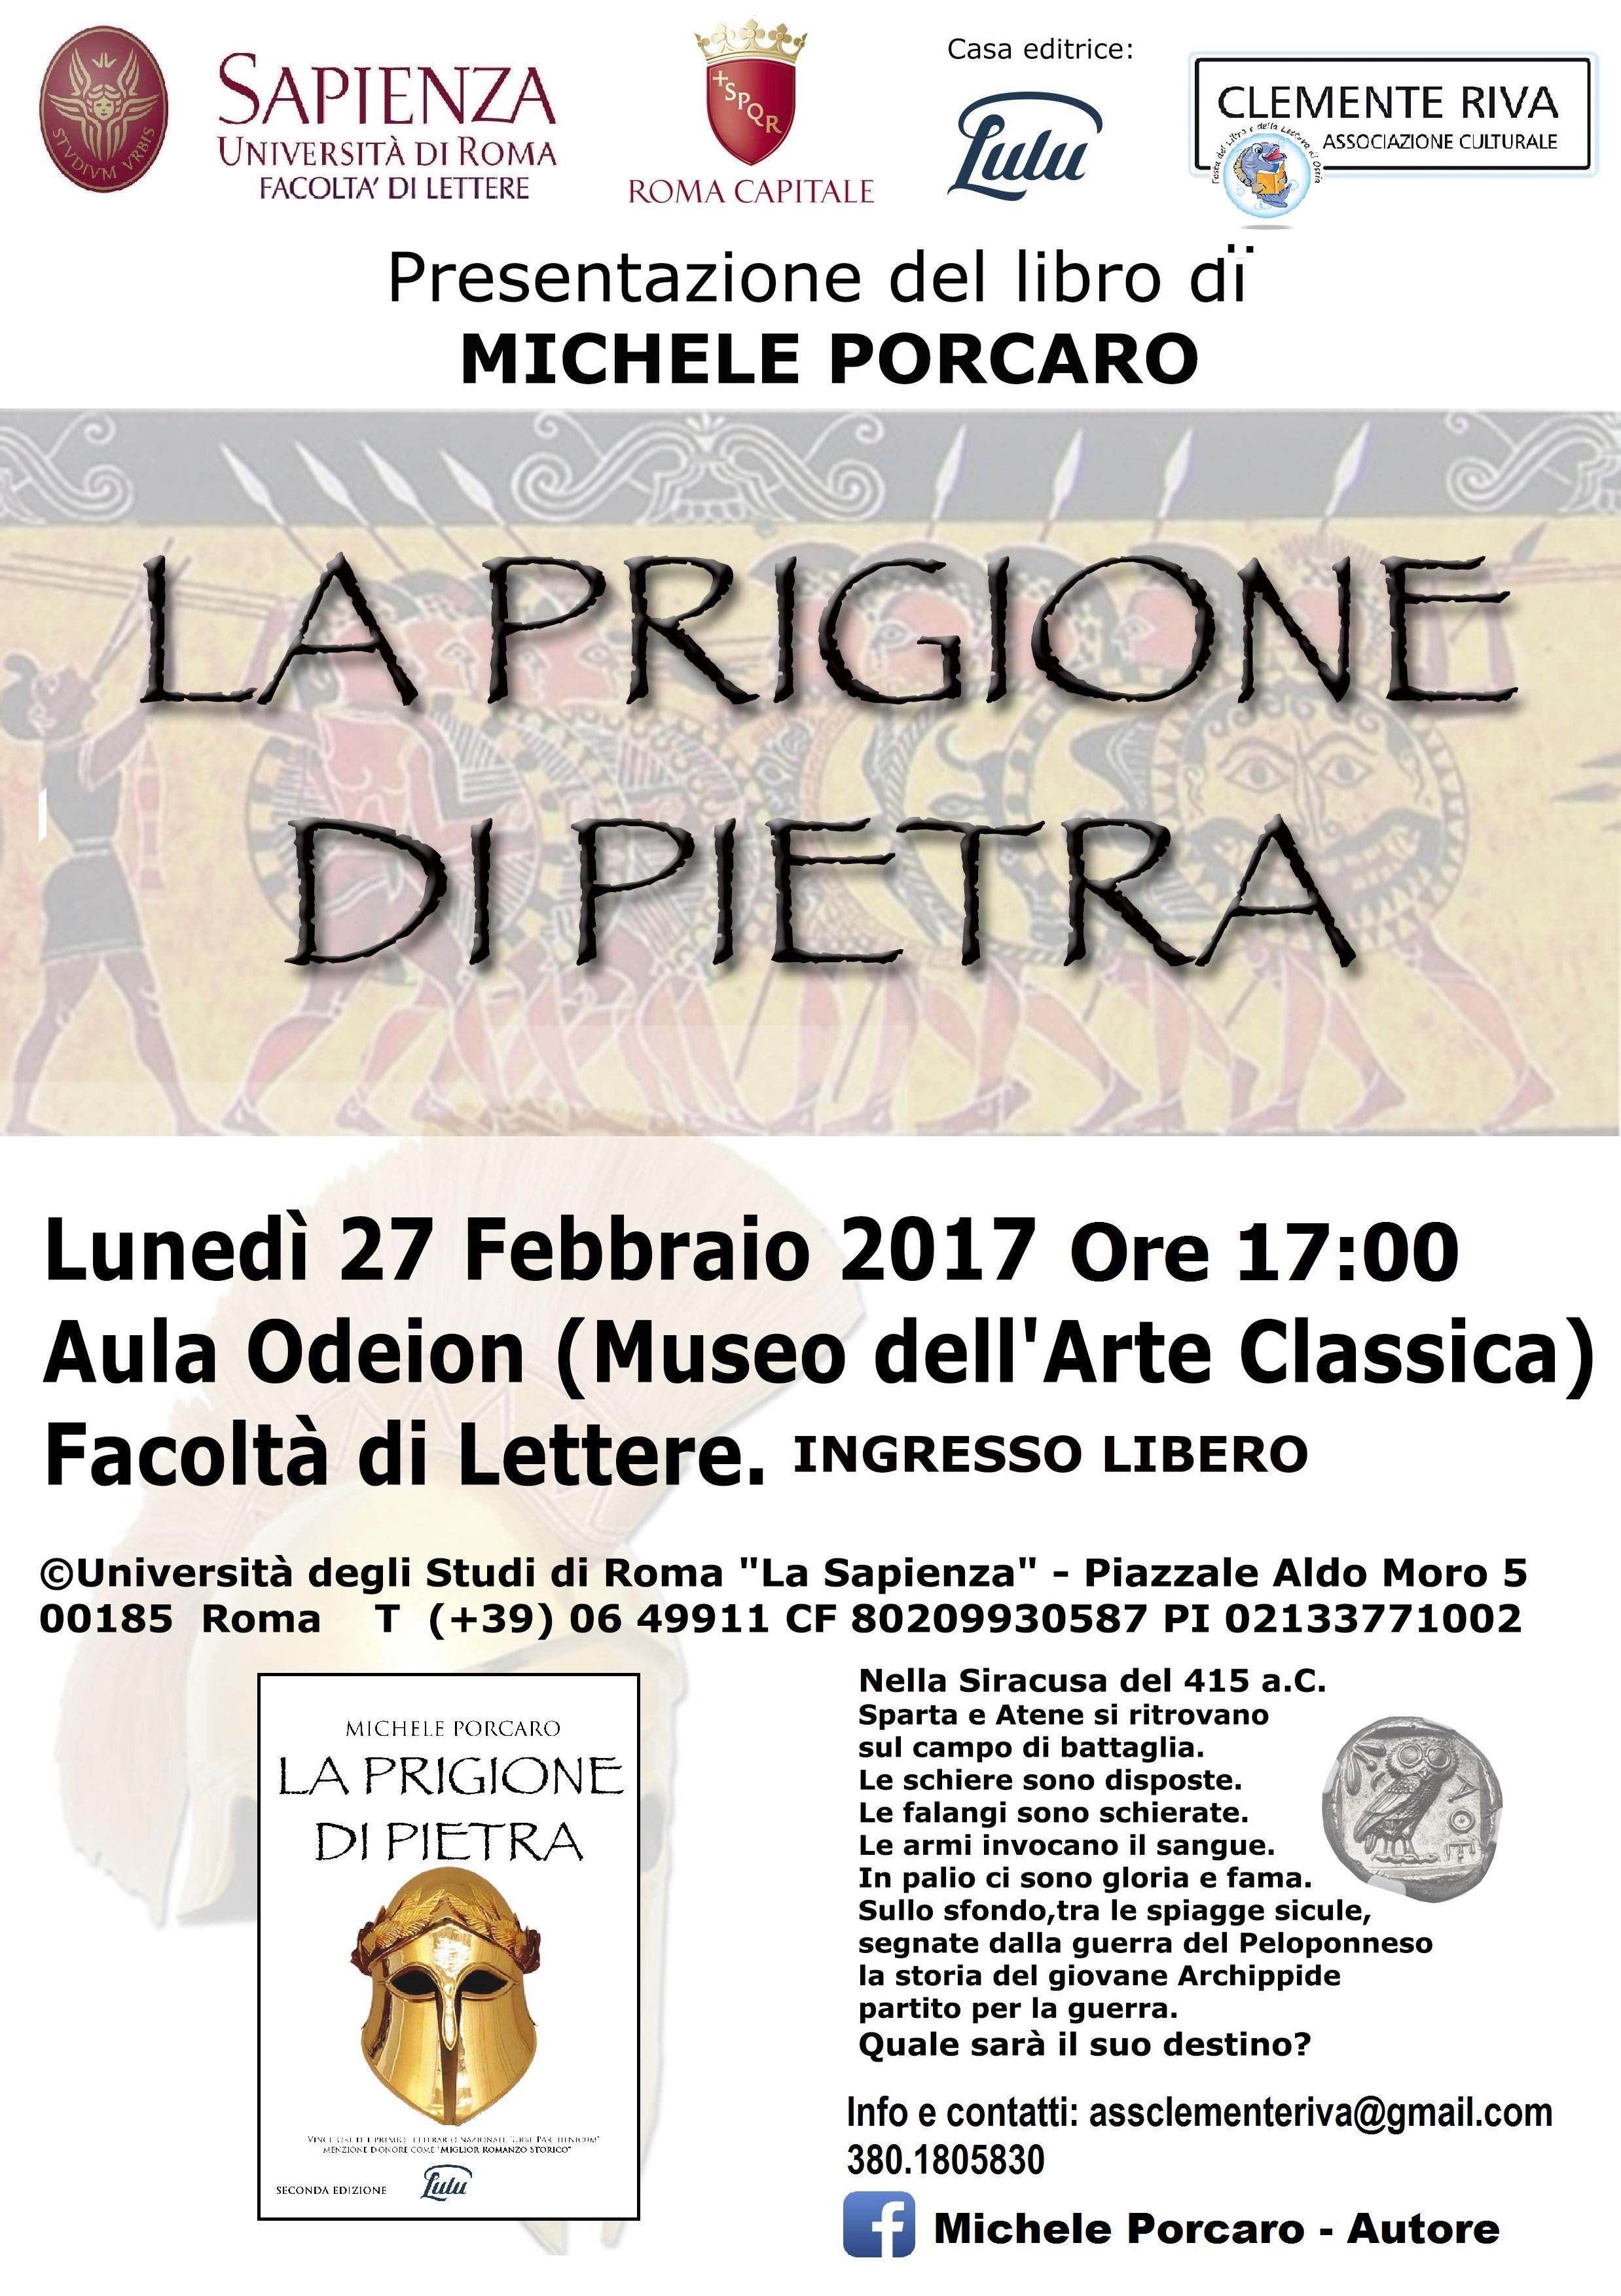 La prigione di pietra, presentazione presso la sala Odeion della facoltà di Lettera a La Sapienza di Roma